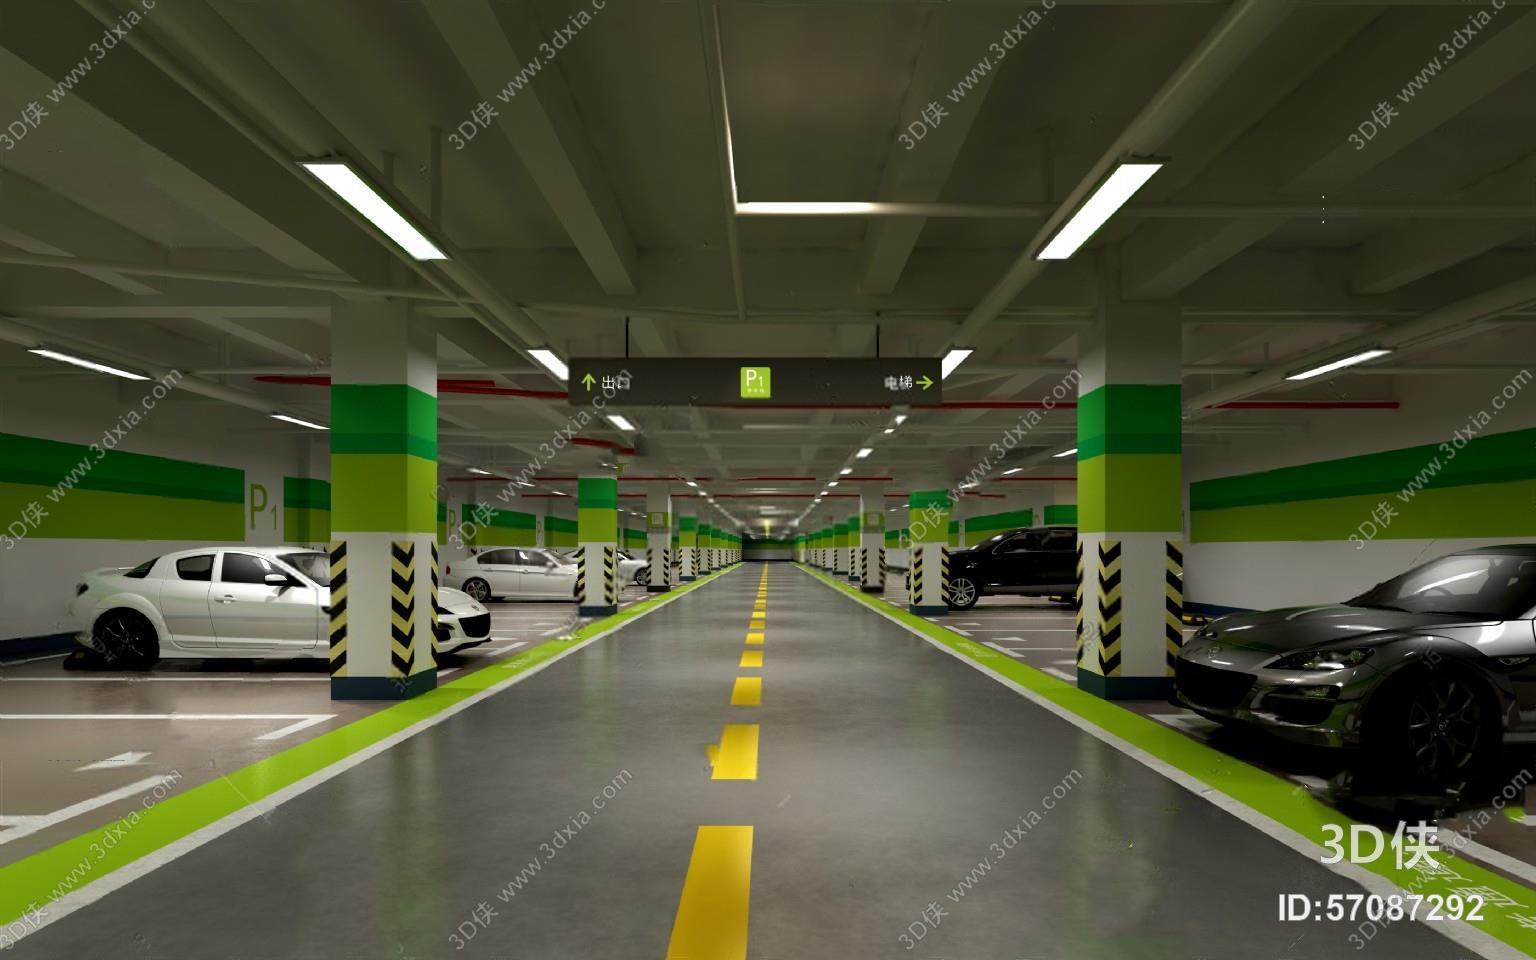 停车场 3d模型 是由室内设计师爱我所爱@上传.图片